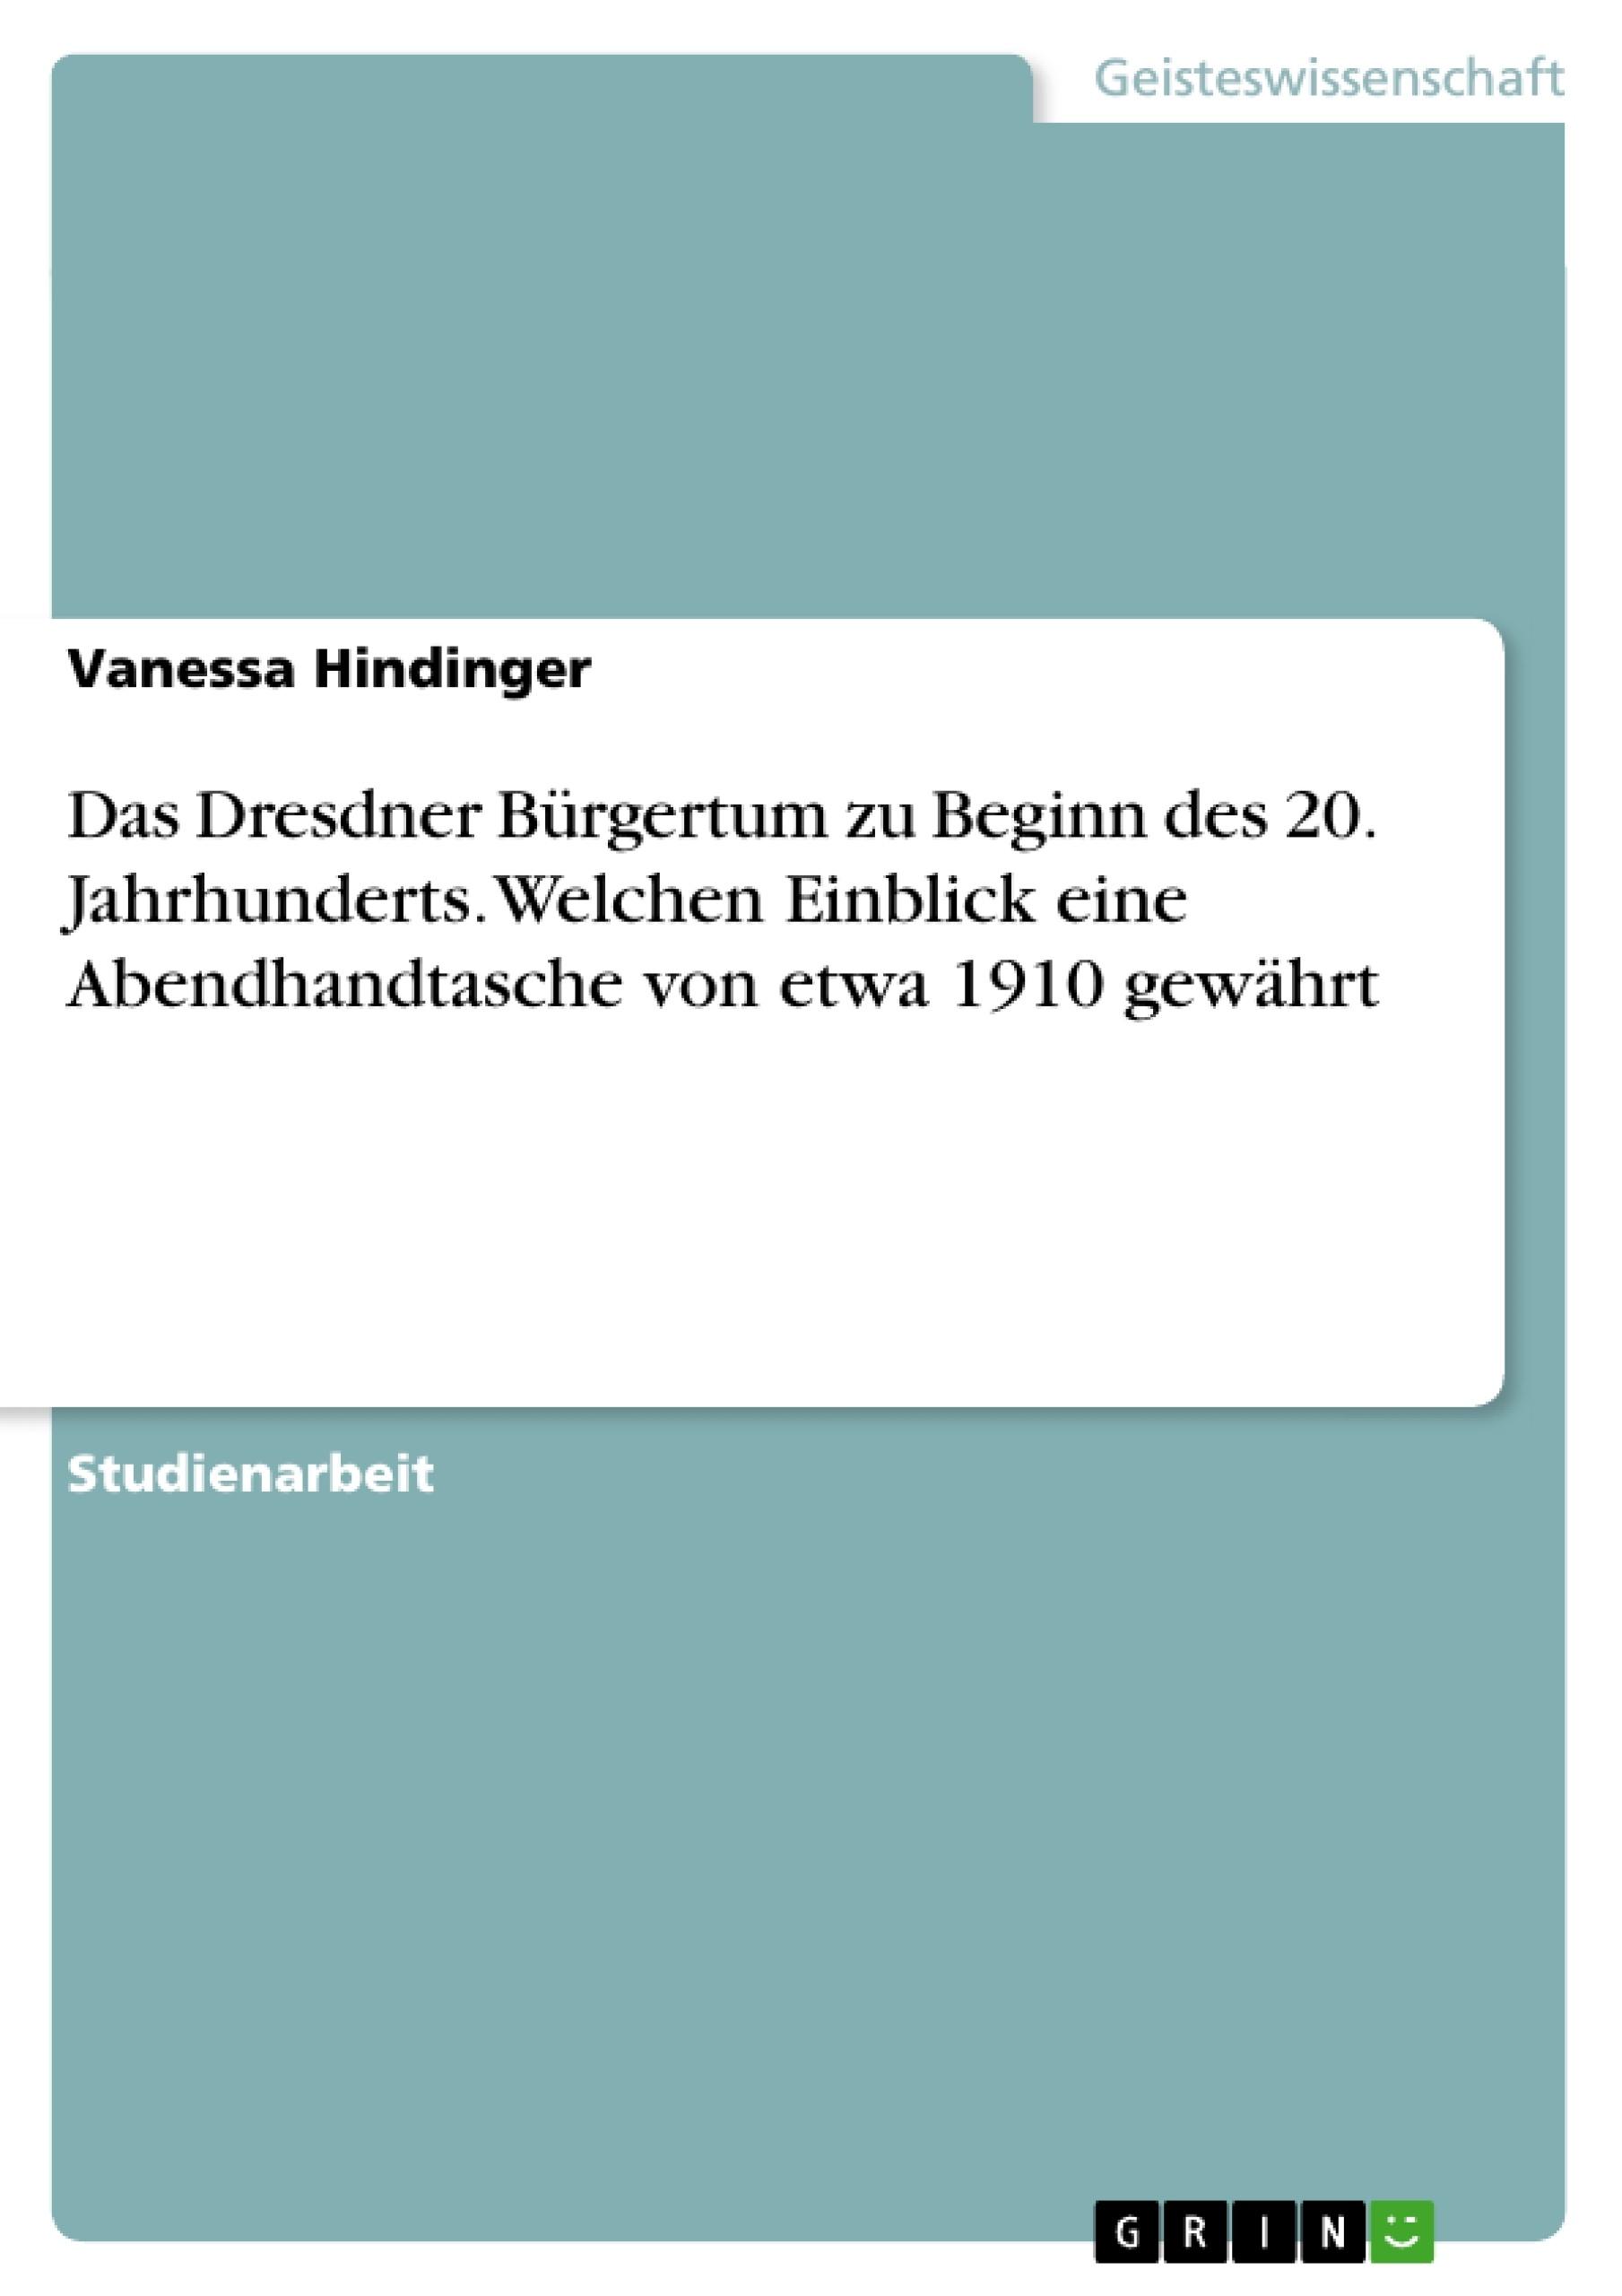 Titel: Das Dresdner Bürgertum zu Beginn des 20. Jahrhunderts. Welchen Einblick eine Abendhandtasche von etwa 1910 gewährt